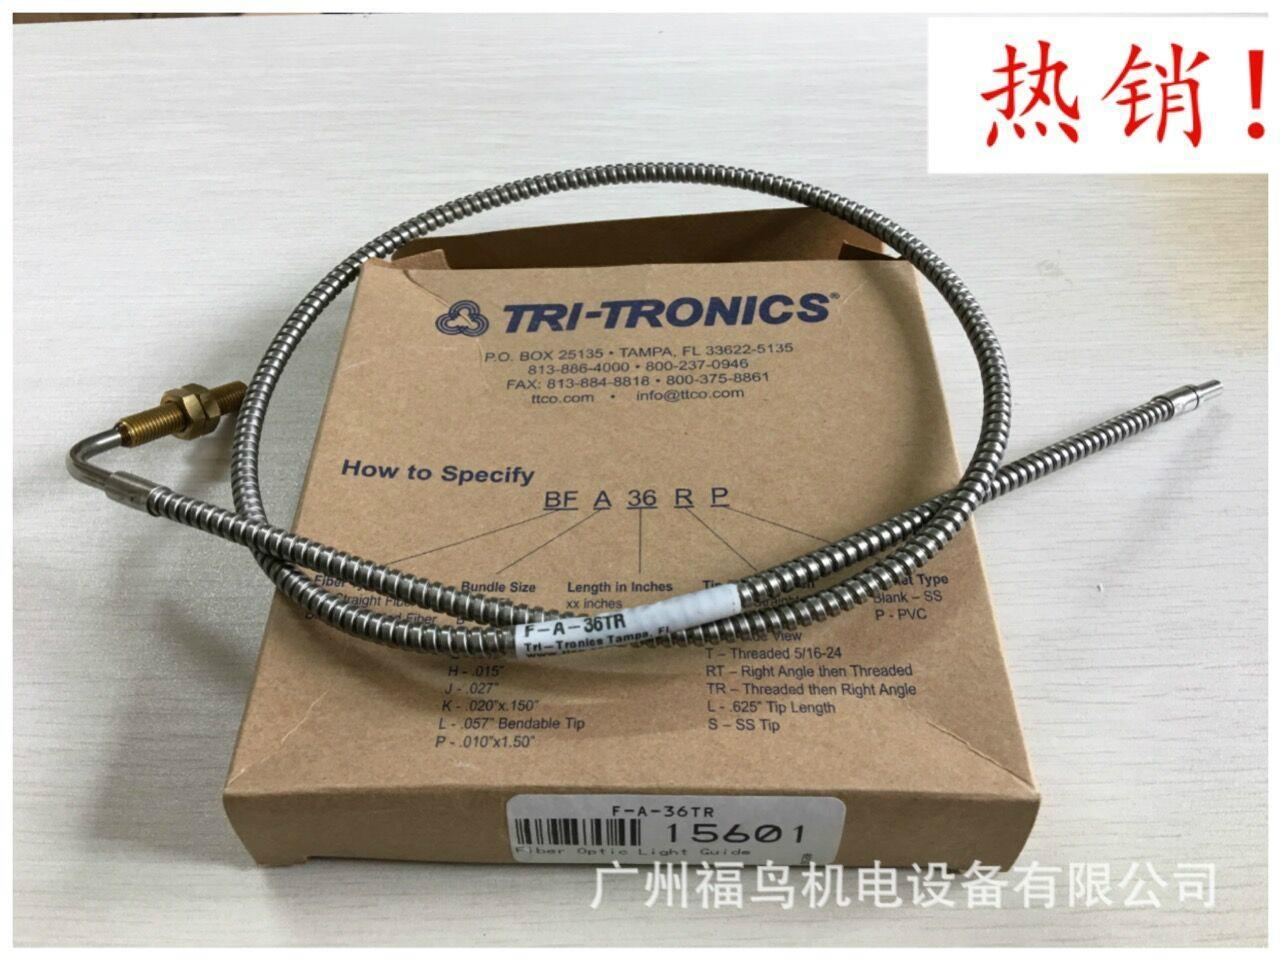 TRI-TRONICS光纖, 型號: F-A-36TR